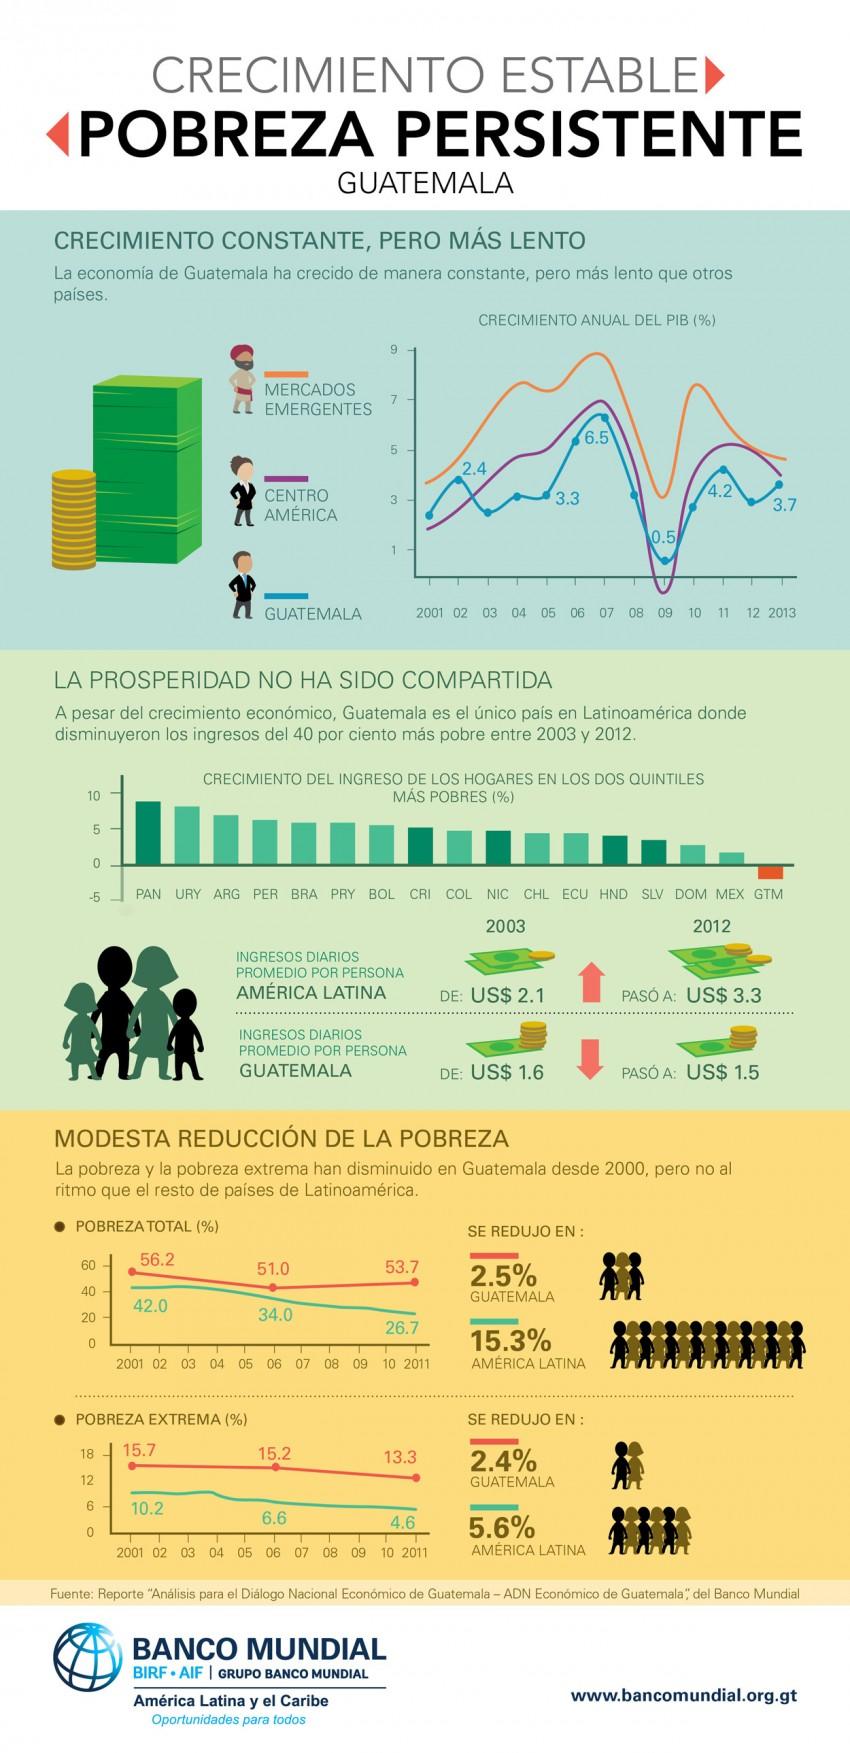 Crecimiento y pobreza en Guatemala